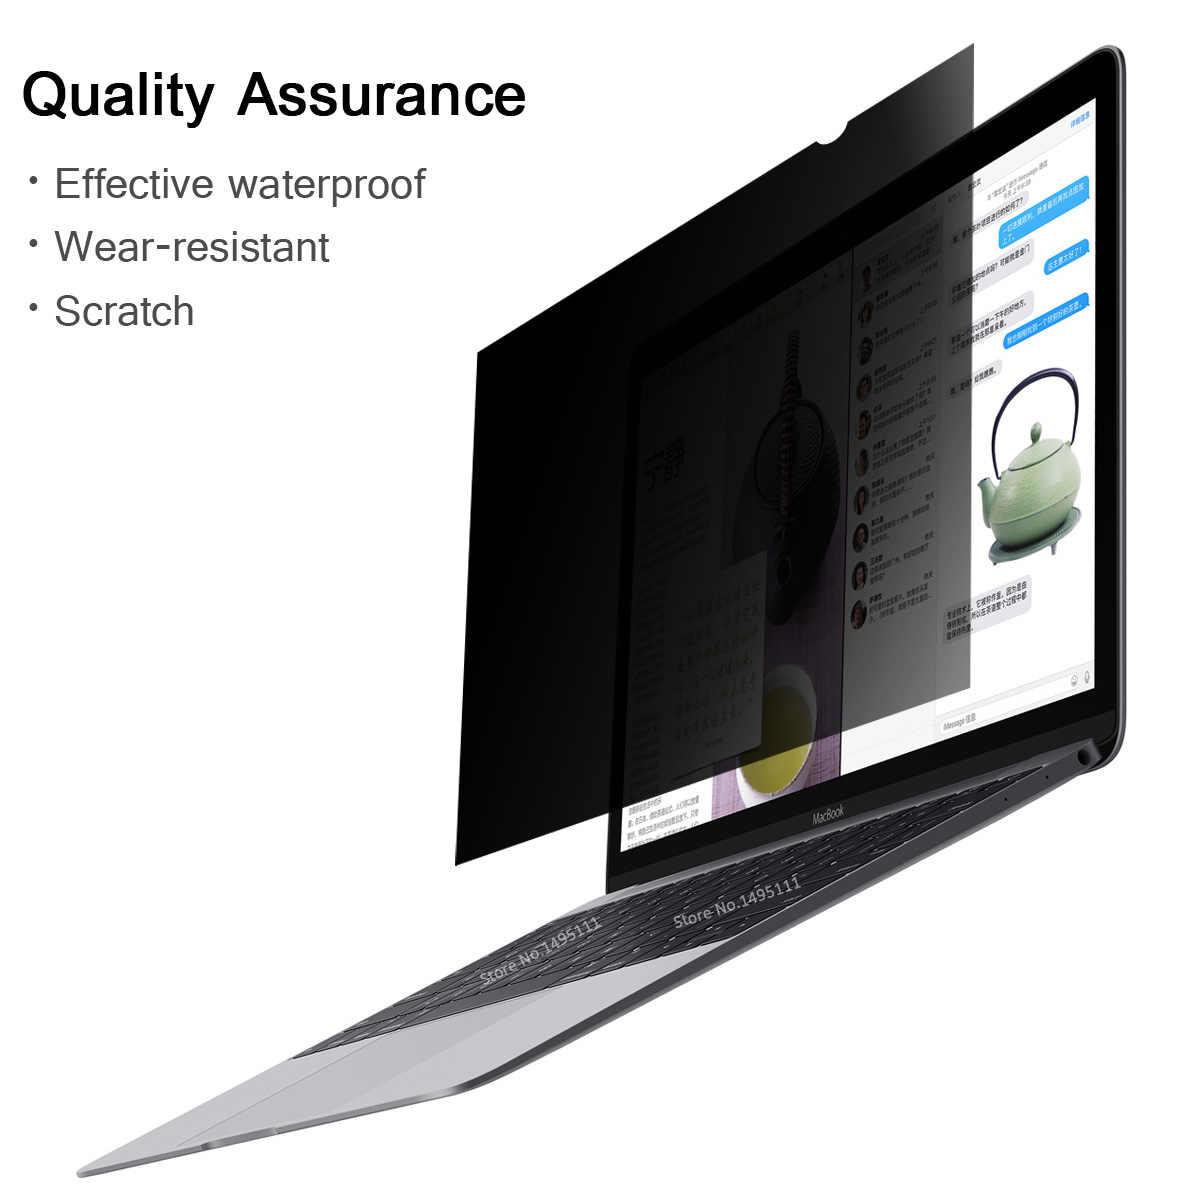 アップル Macbook Air は 13.3 インチ (286 ミリメートル * 179 ミリメートル) プライバシーフィルターラップトップノートブックアンチグレアスクリーンプロテクター保護フィルム